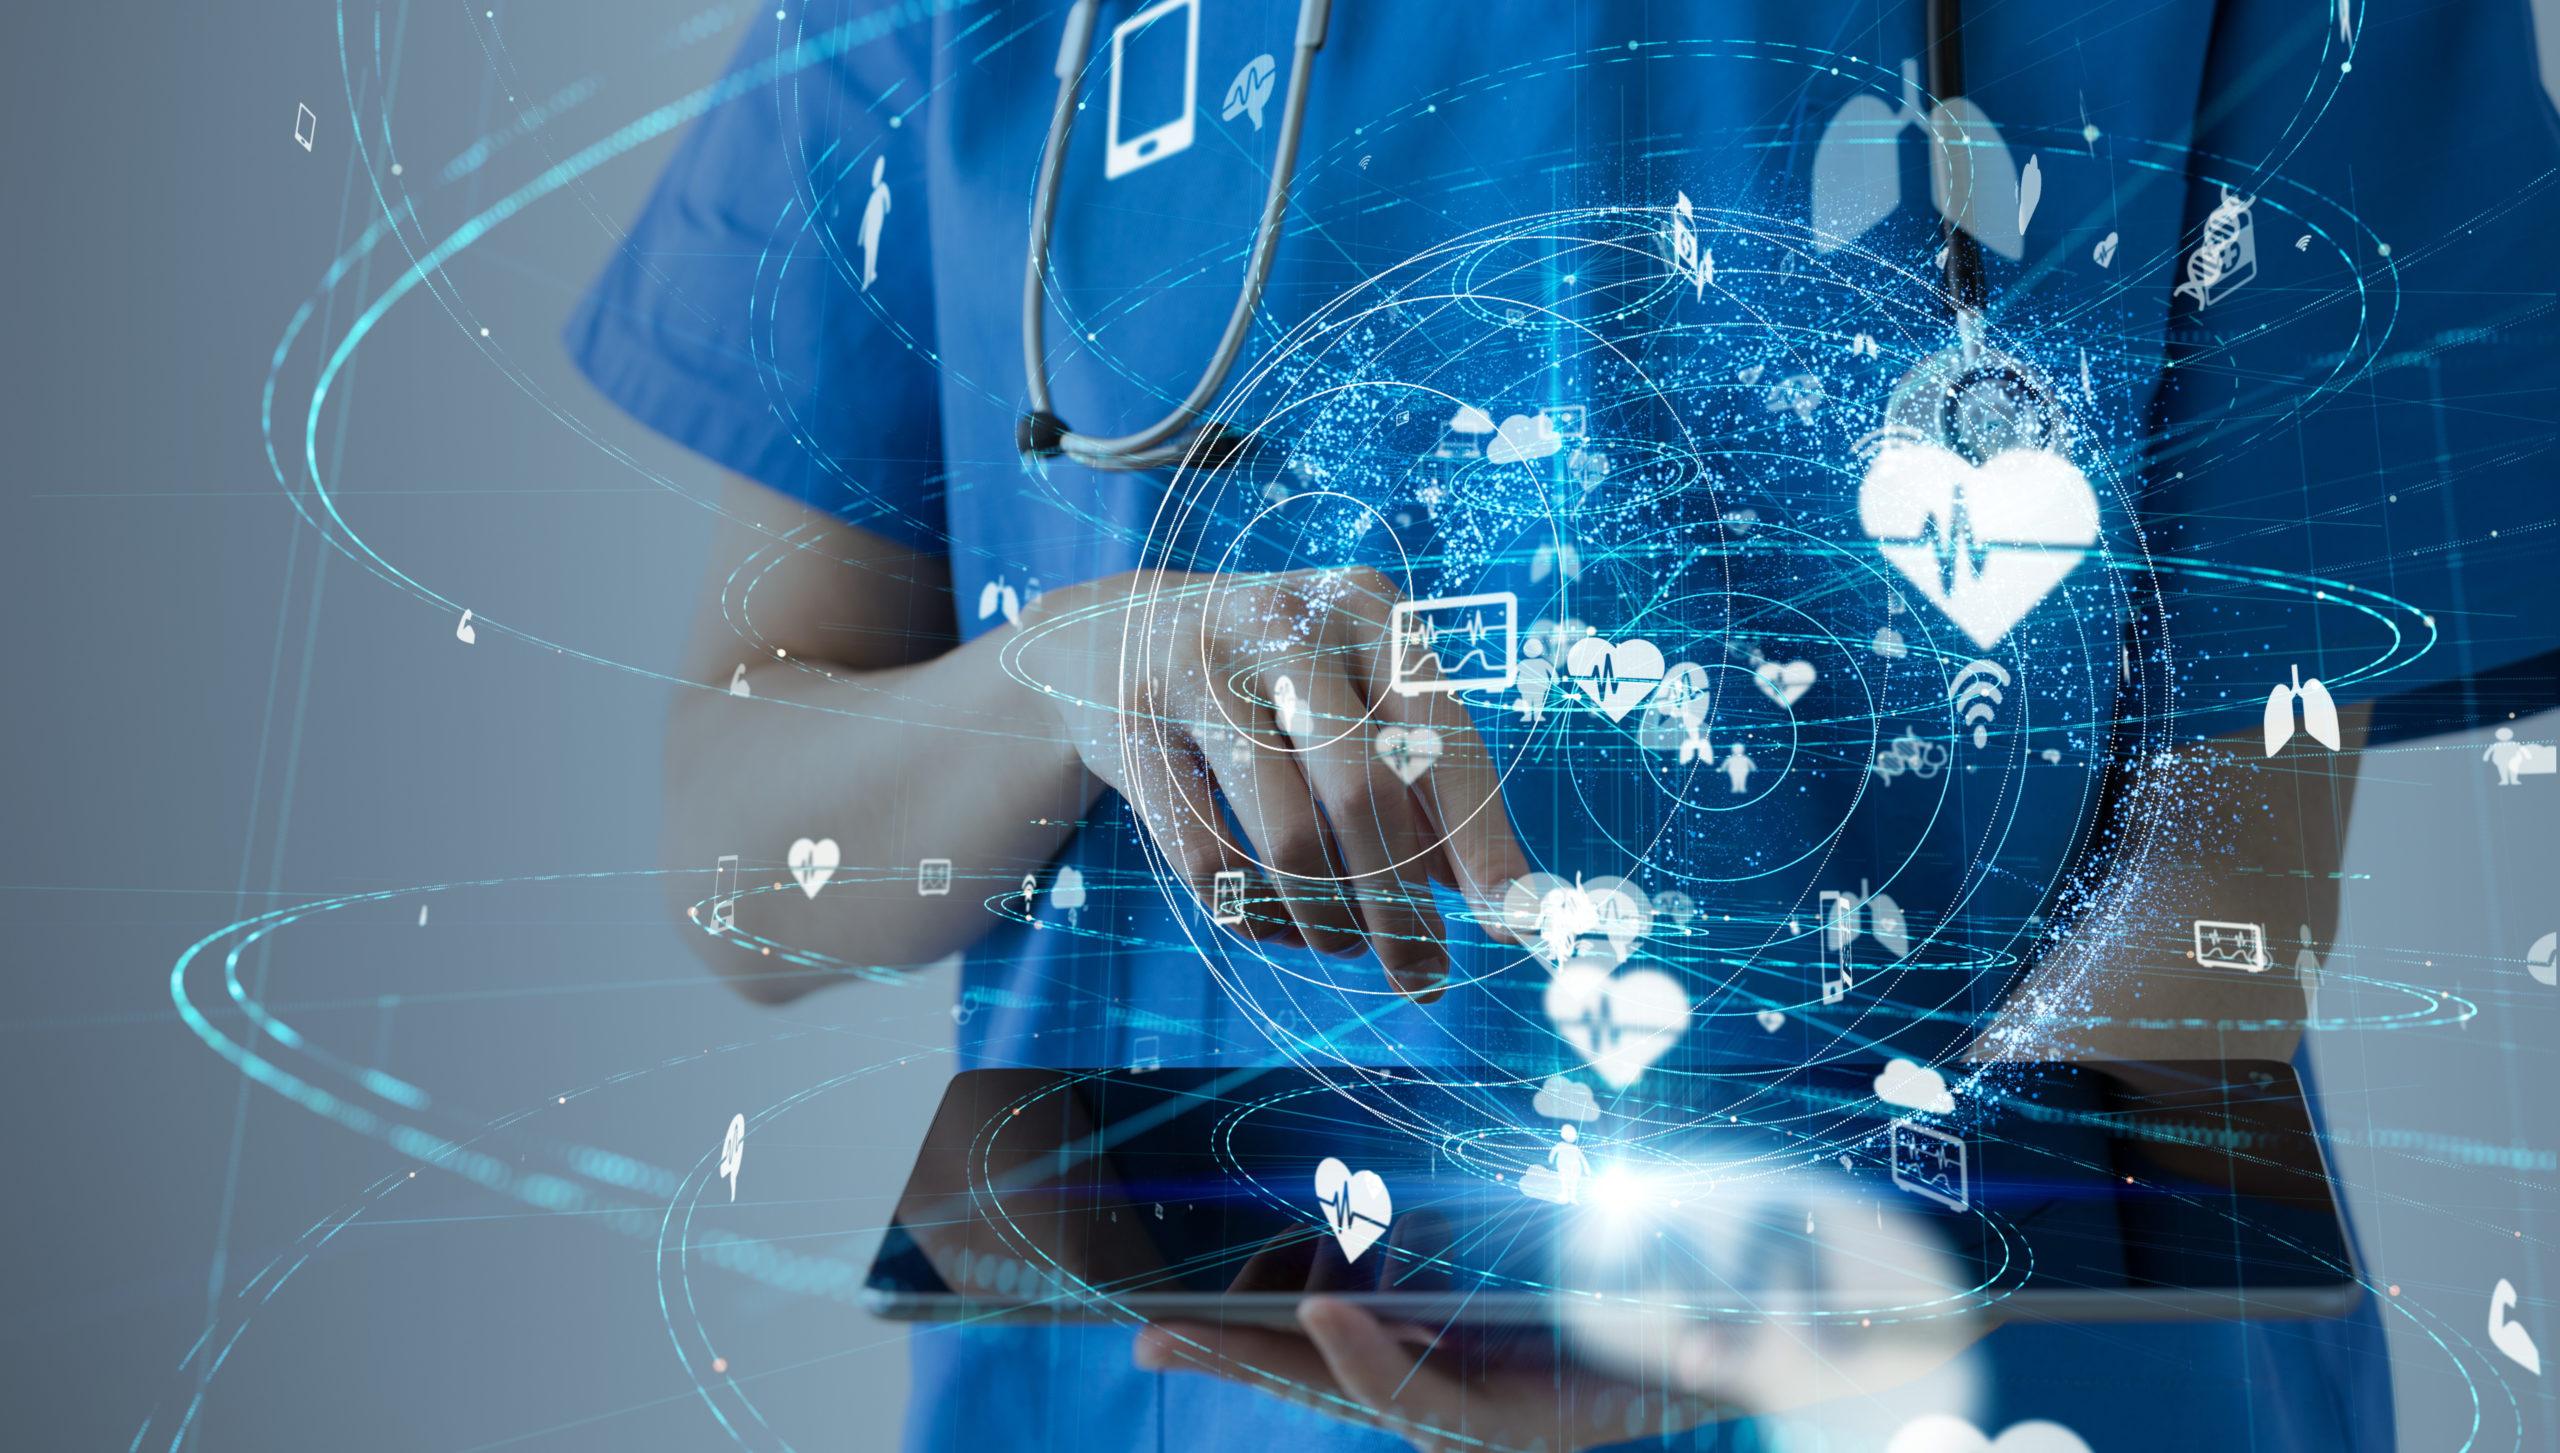 Ψηφιακή υγεία προκλήσεις κυβερνοχώρος: Πιθανές απειλές στον κυβερνοχώρο και ασφάλεια ιατρικών δεδομένων